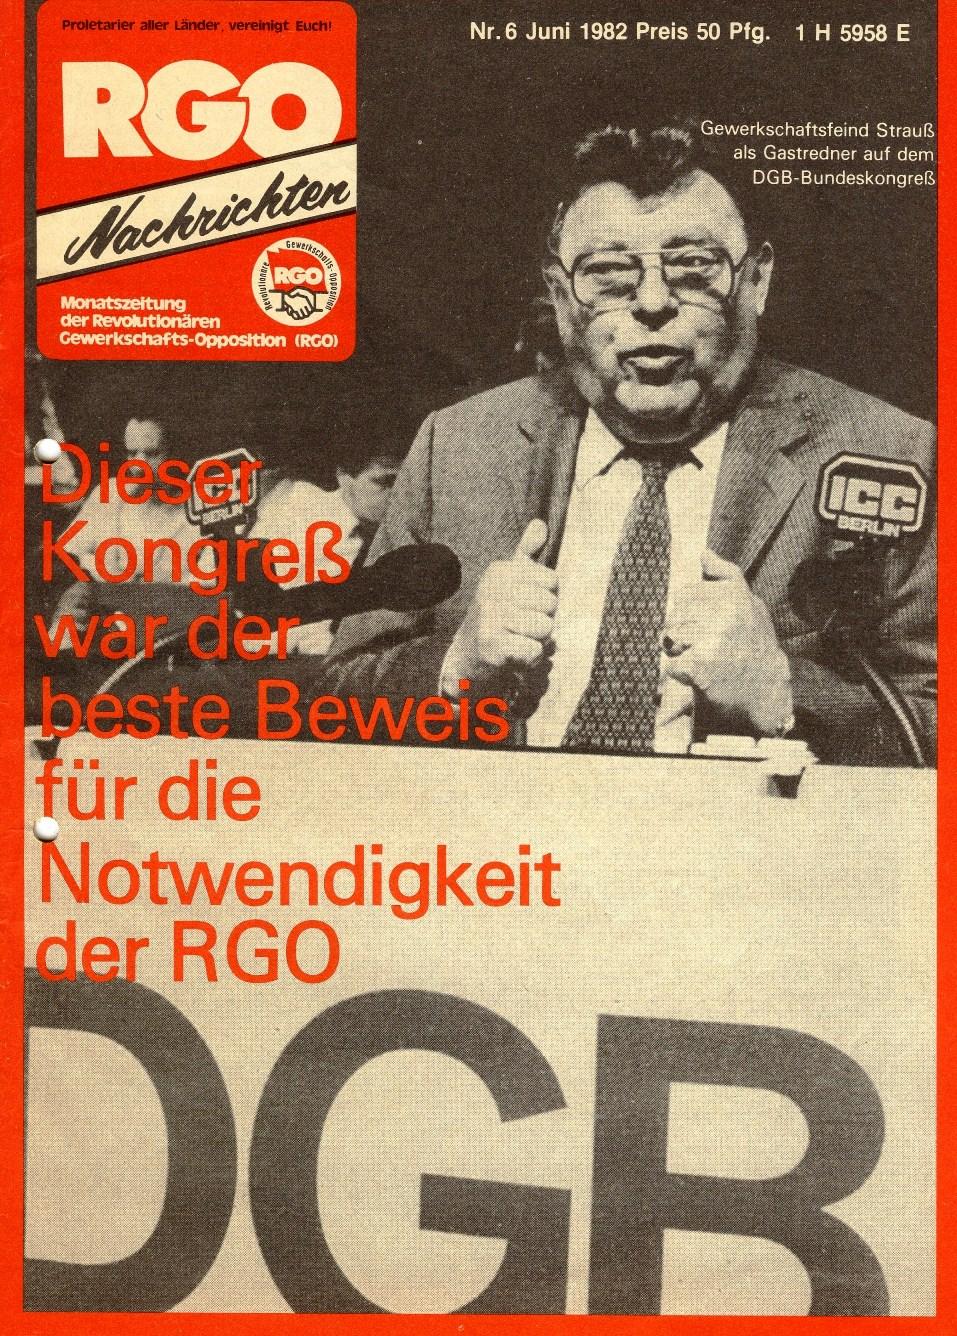 RGO_RGO_Nachrichten_1982_06_01